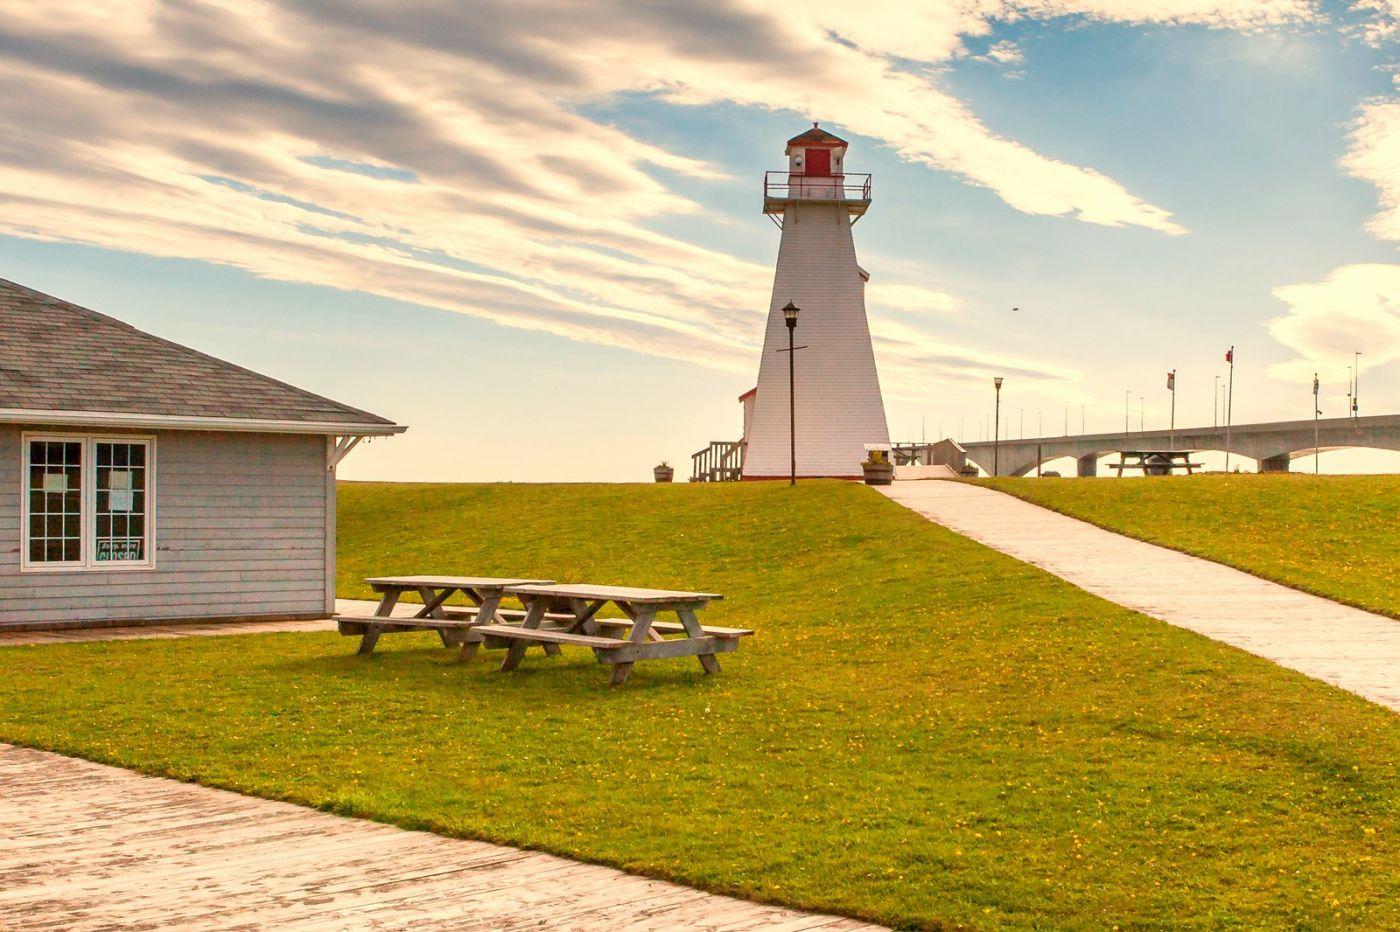 加拿大风景,长桥和灯塔_图1-2